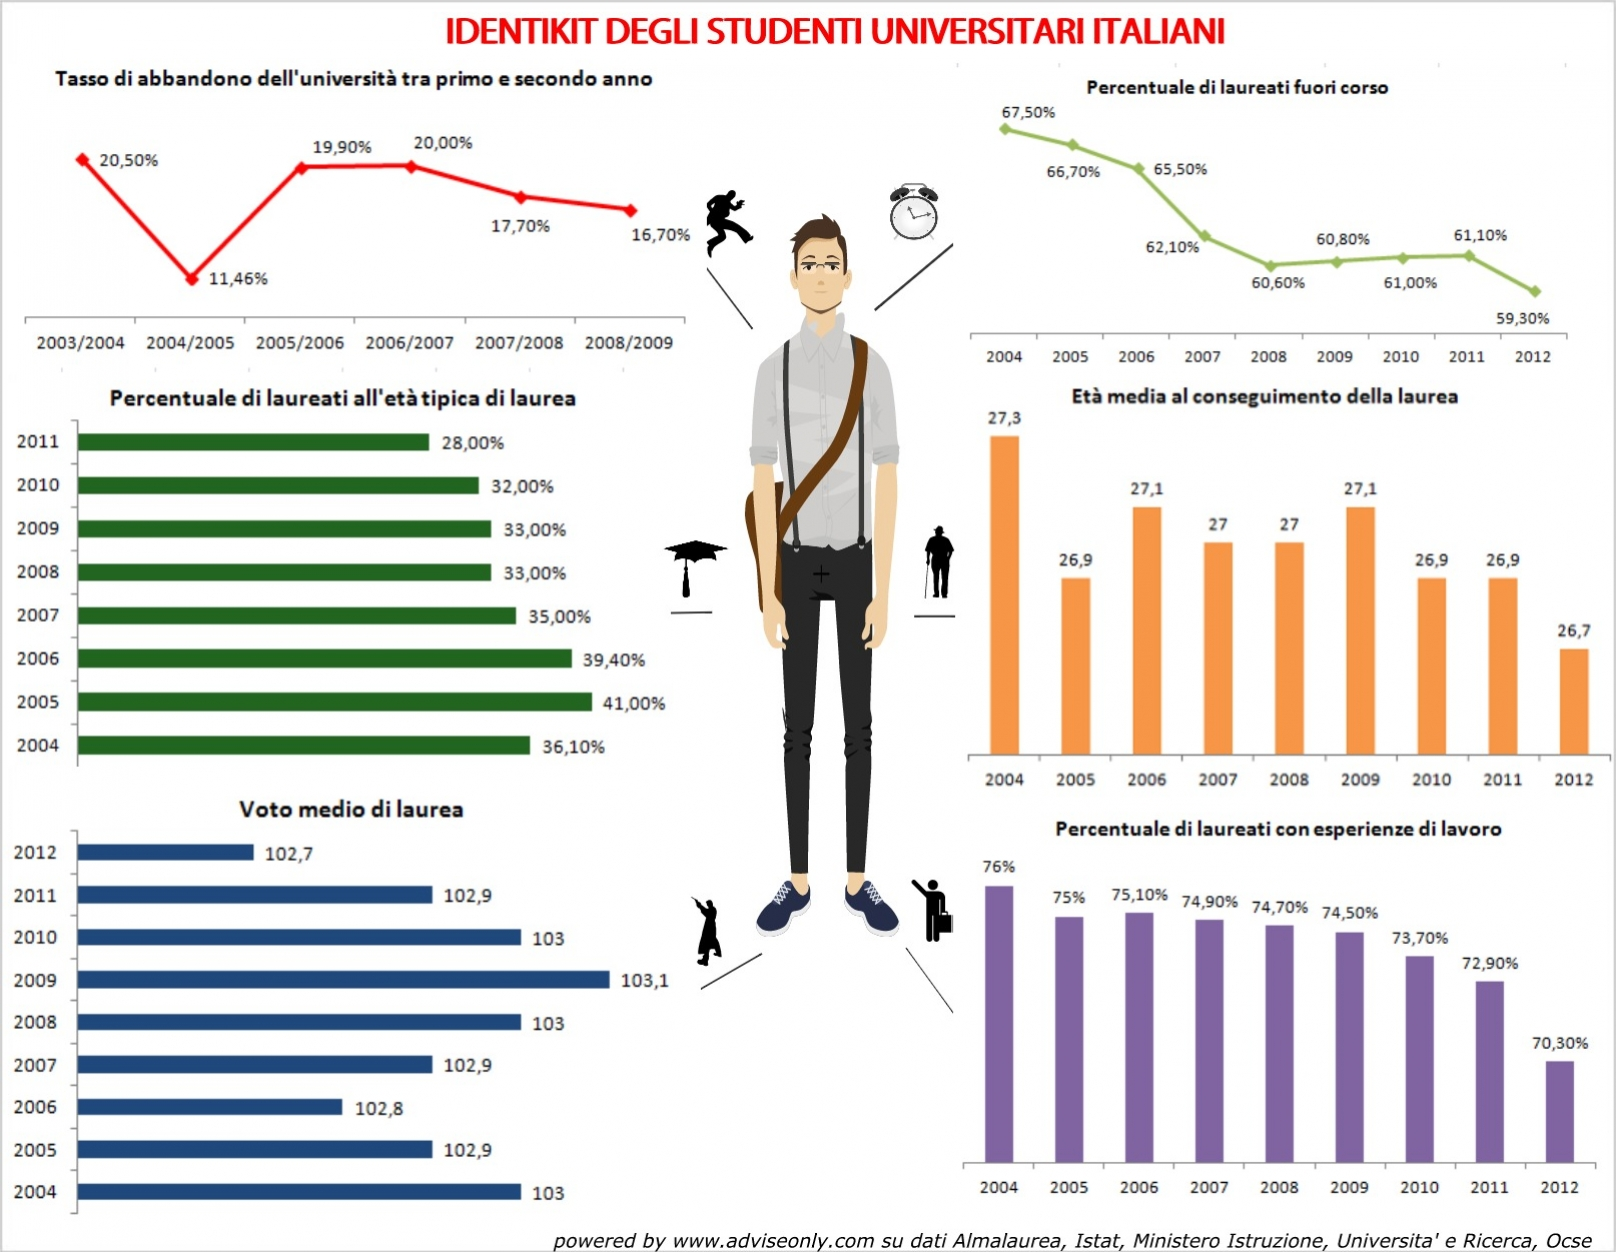 infografica: gli italiani e le università